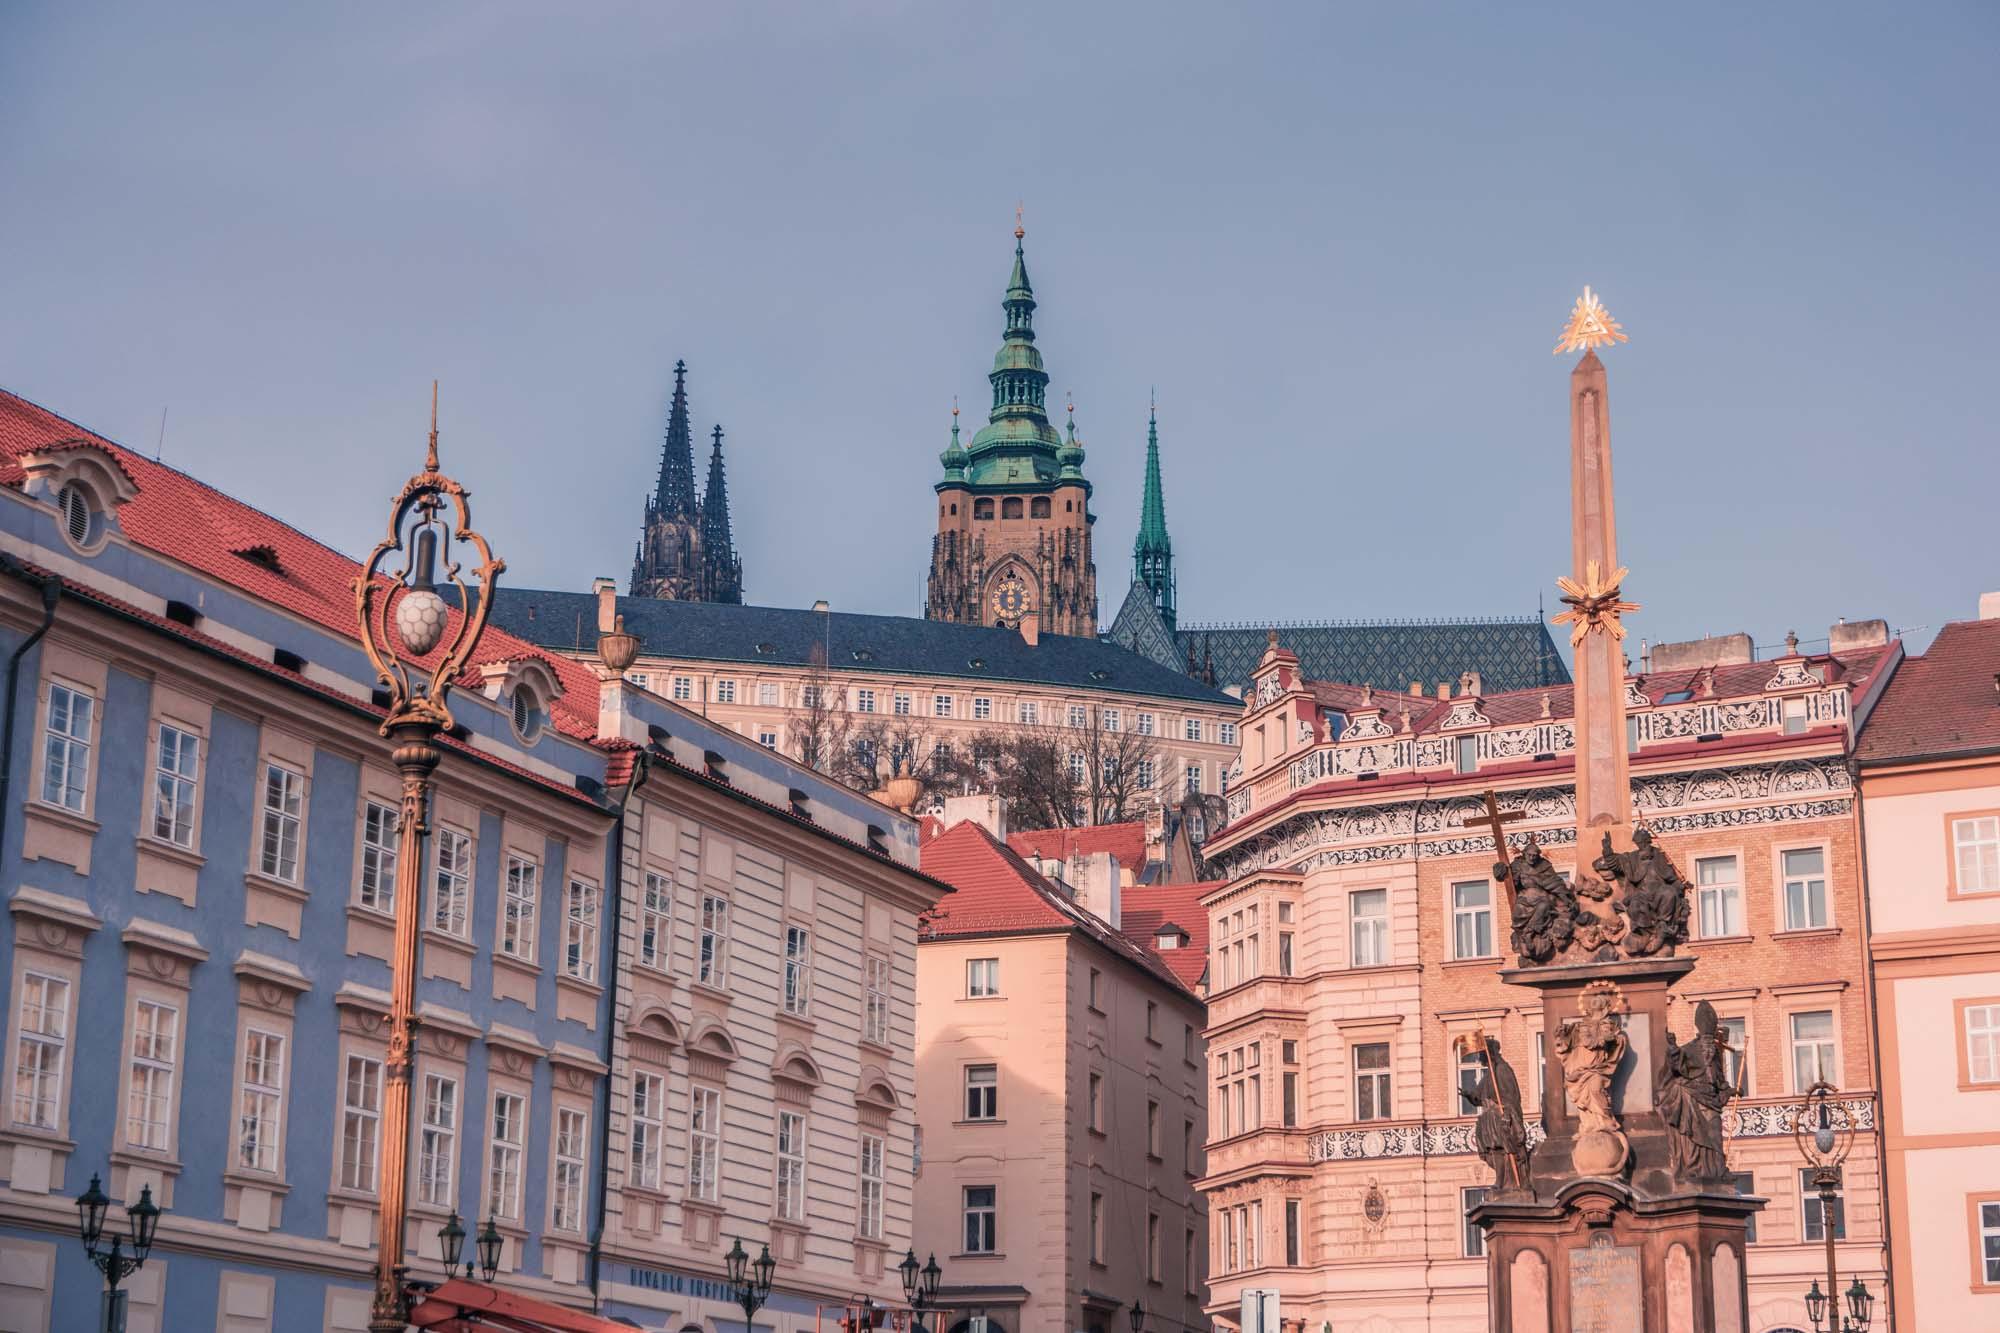 La vue sur le château depuis la place Malostranské